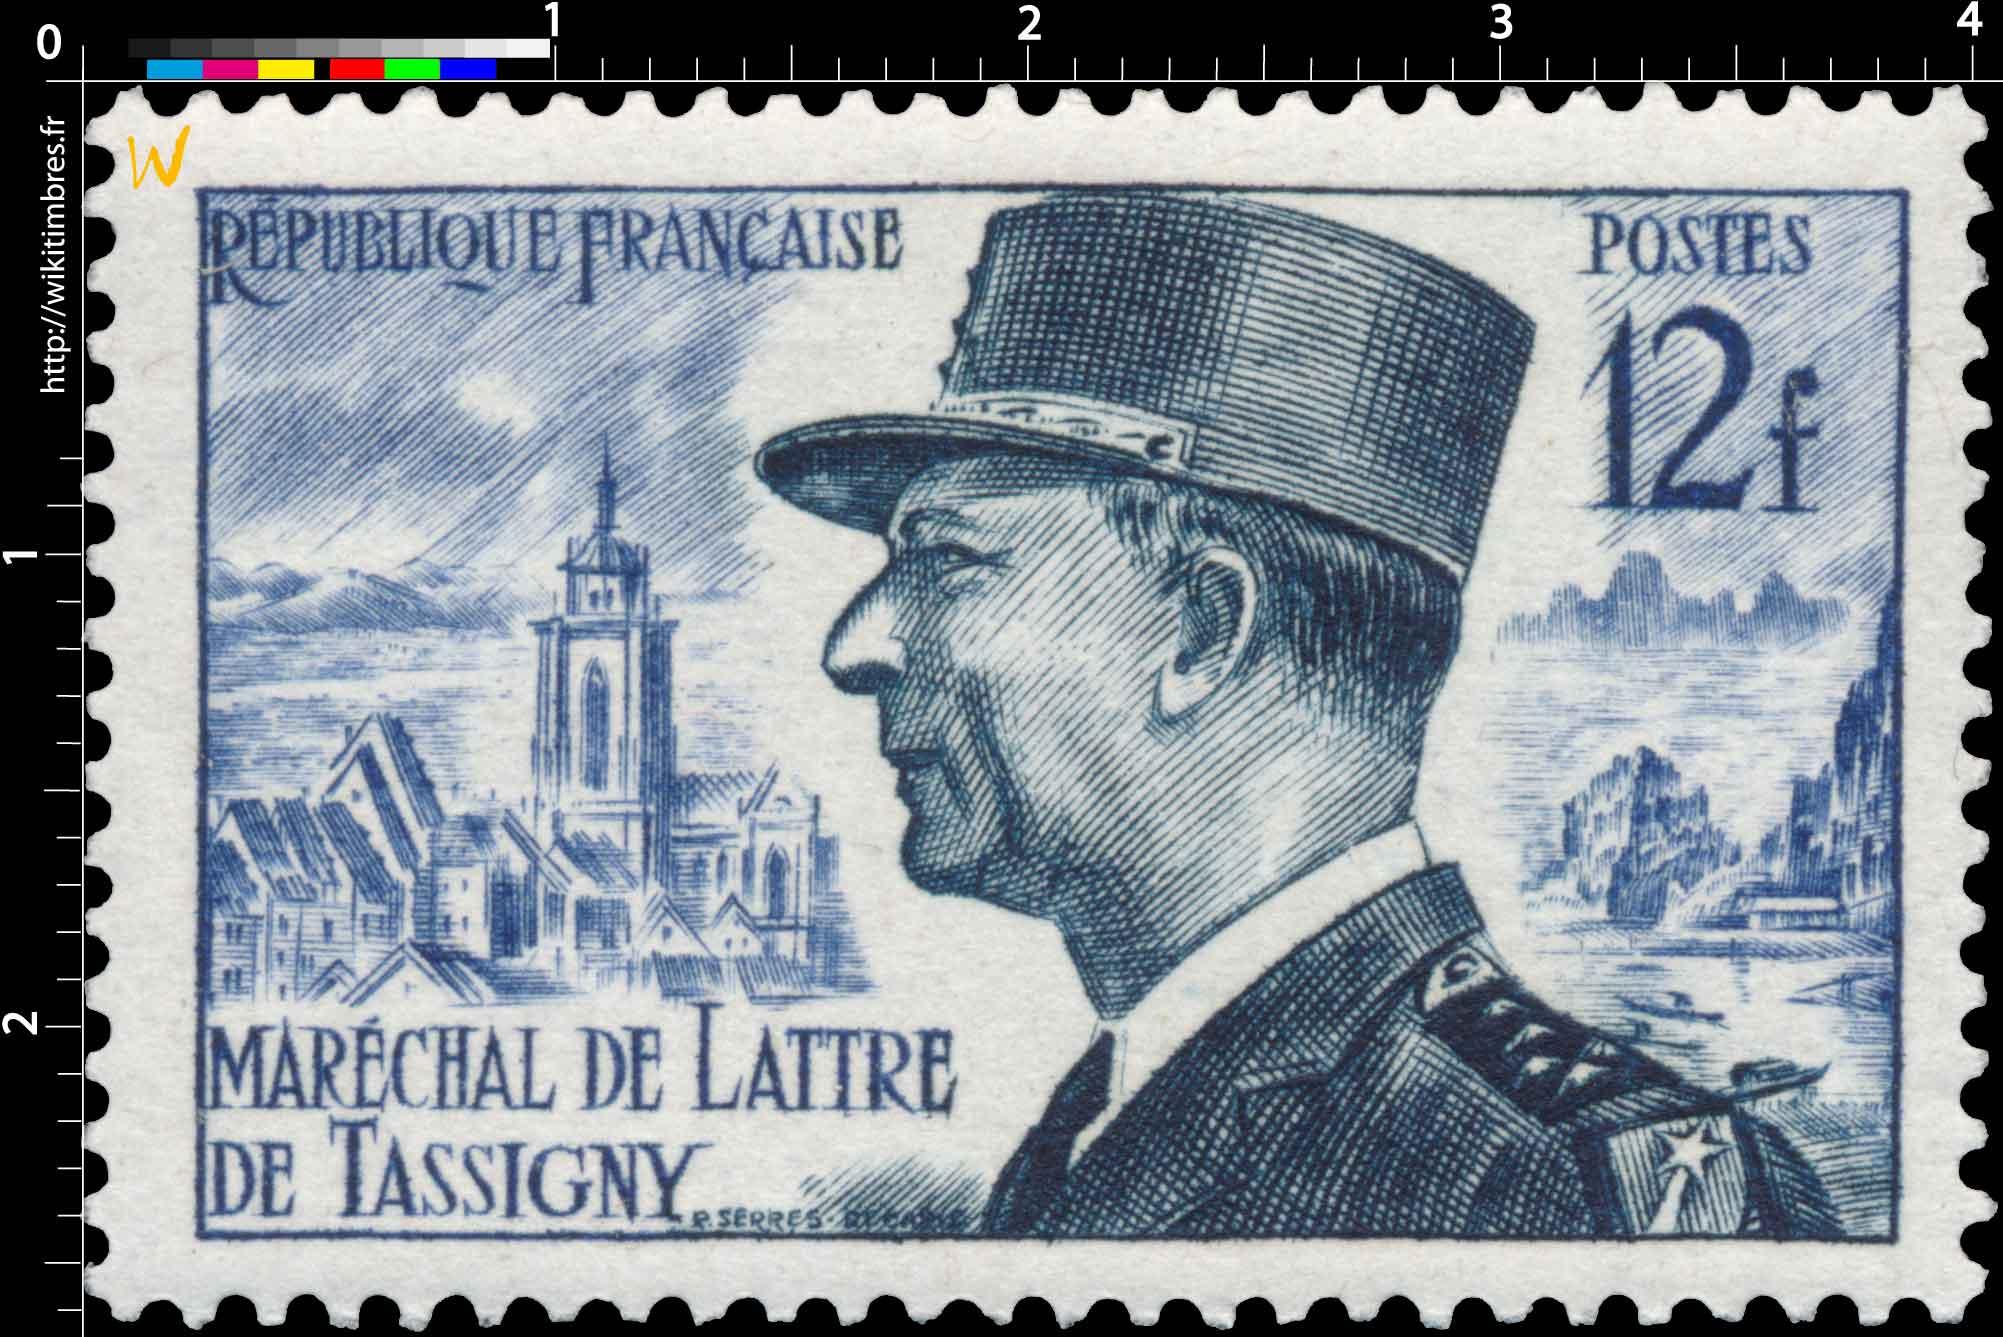 MARÉCHAL DE LATTRE DE TASSIGNY